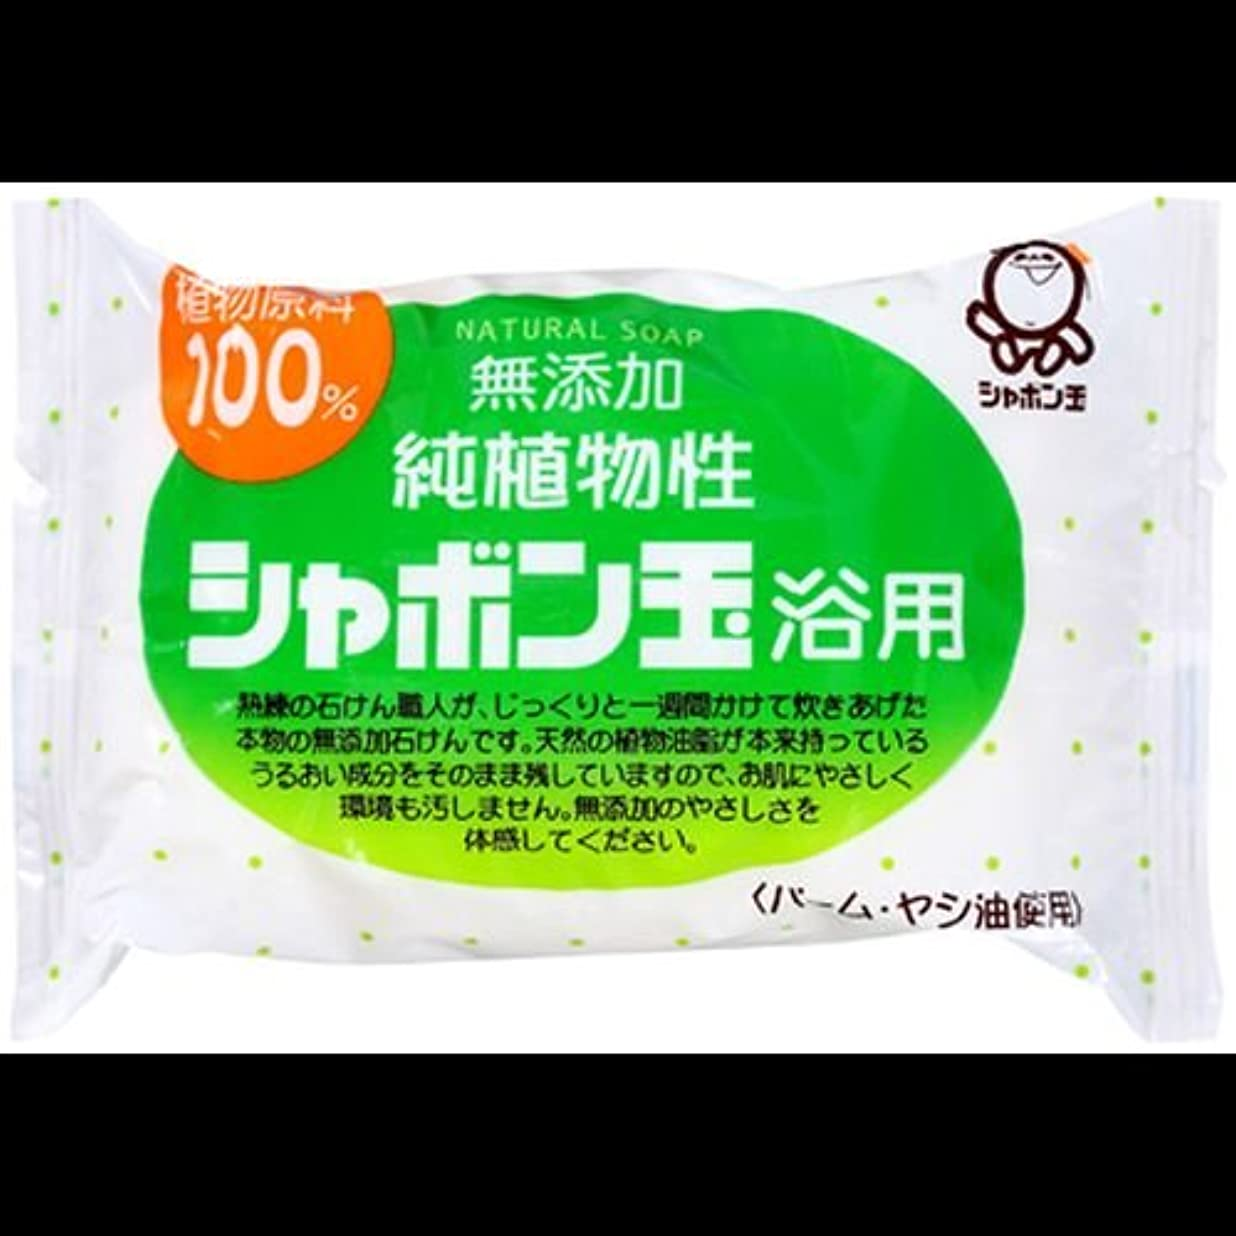 軍団起きるキノコ【まとめ買い】シャボン玉 無添加 純植物性 シャボン玉浴用石けん 純植物性 100g ×2セット